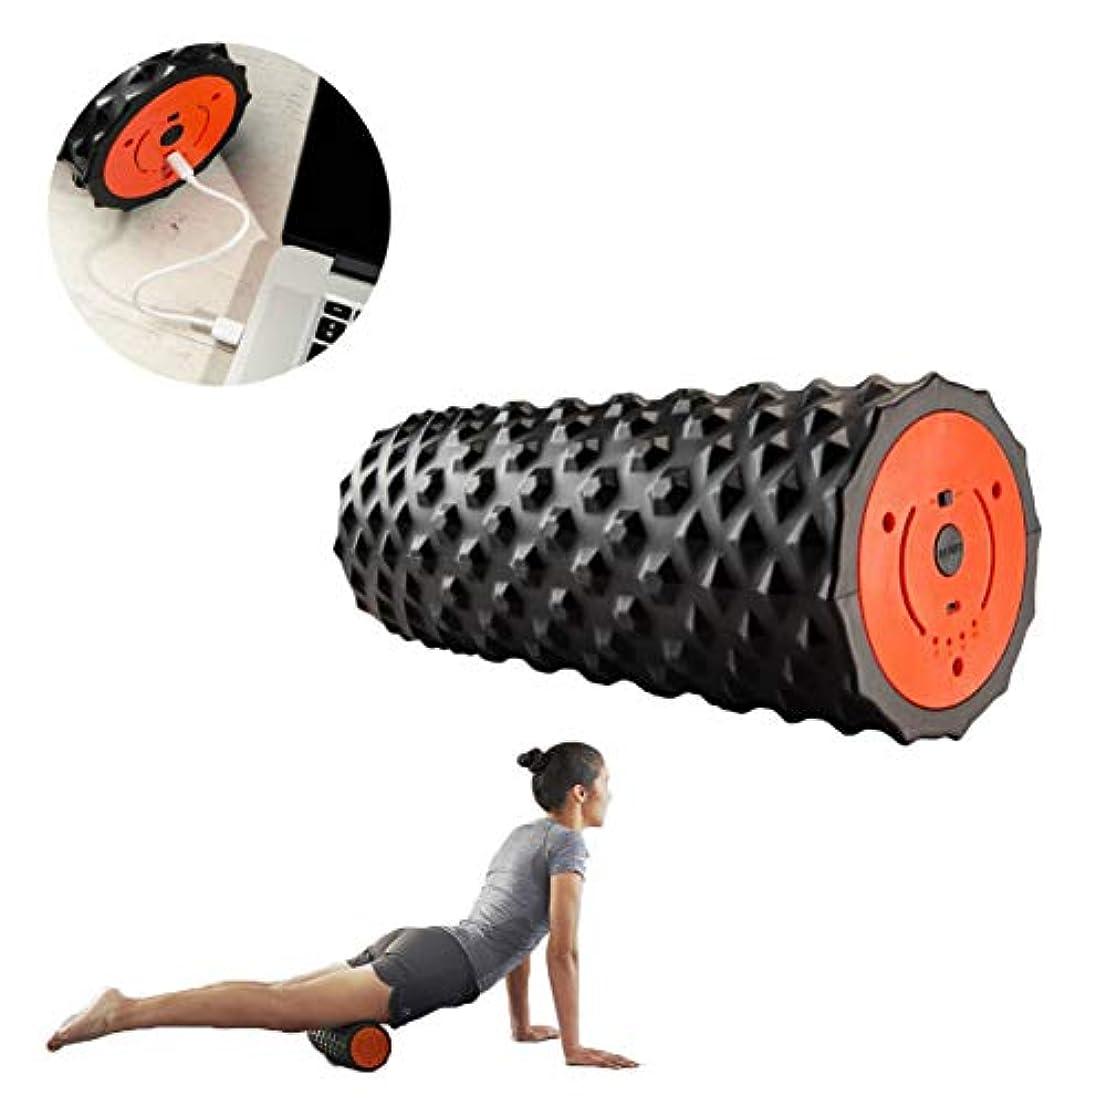 広くなくなる行動フォームローラー 電気適性のマッサージャーは運動後の筋肉深いティッシュの制動機ポイントの処置のために再充電可能です